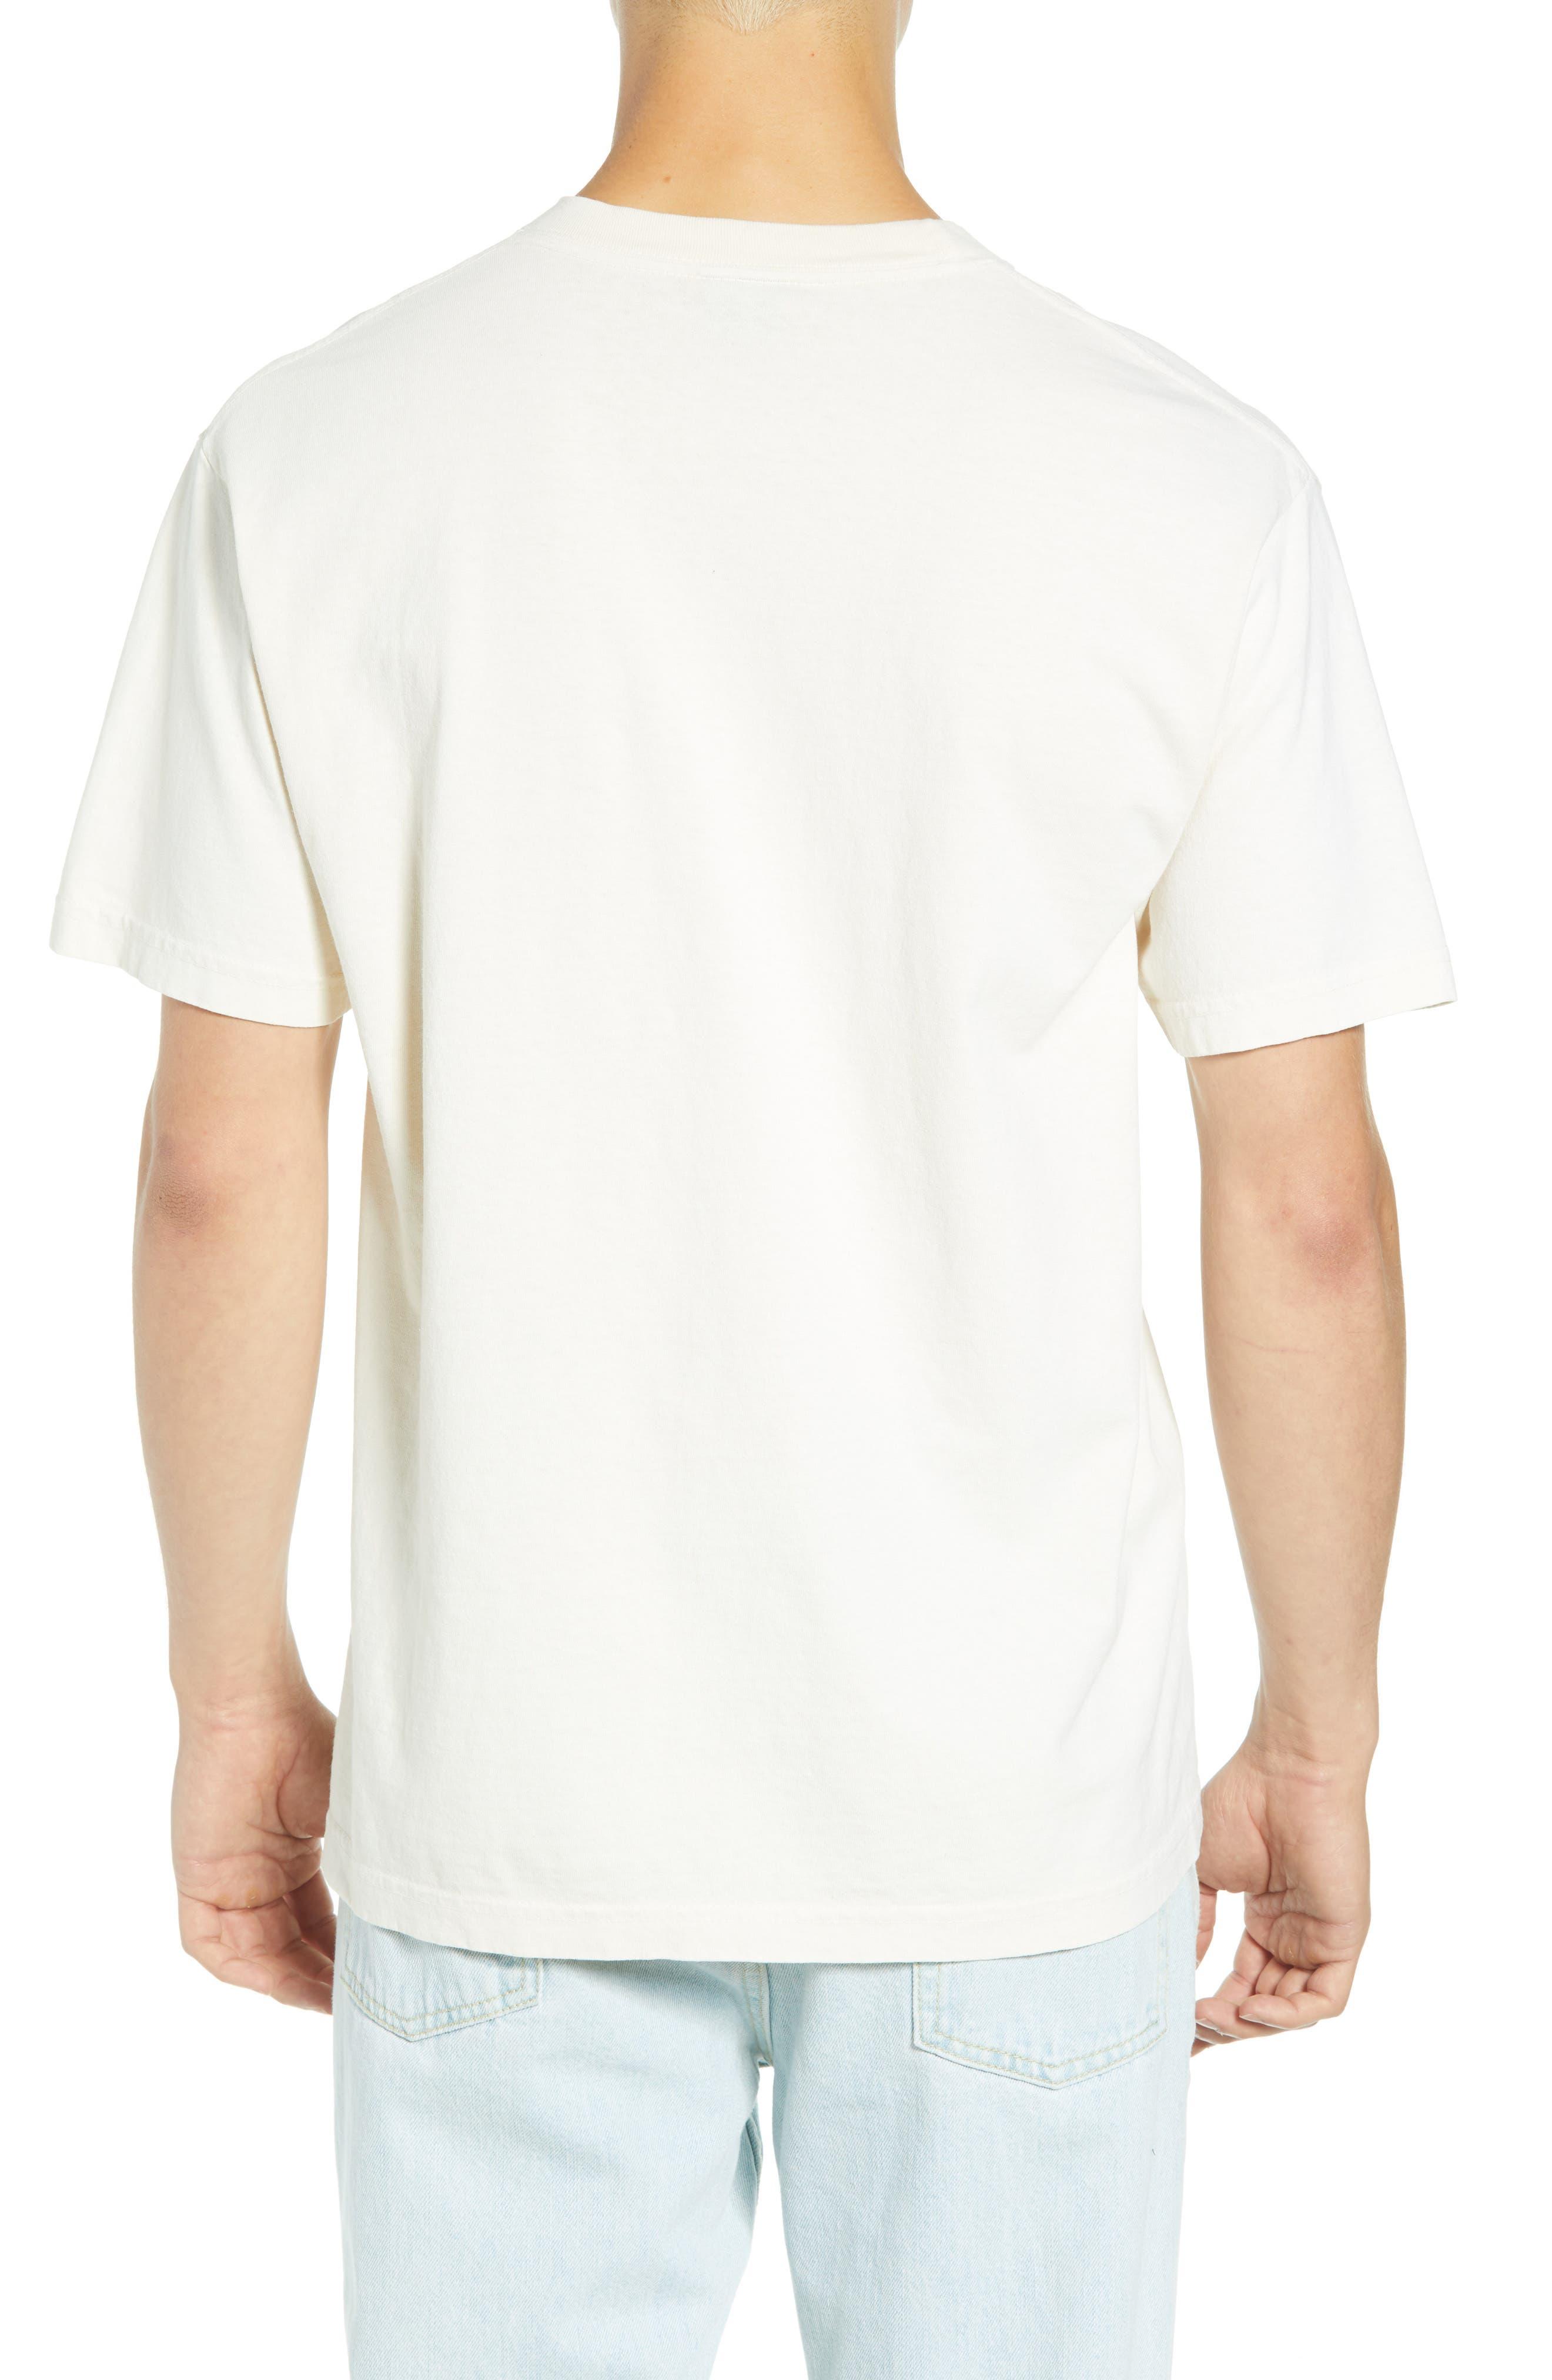 Slap On Box T-Shirt,                             Alternate thumbnail 2, color,                             CREAM